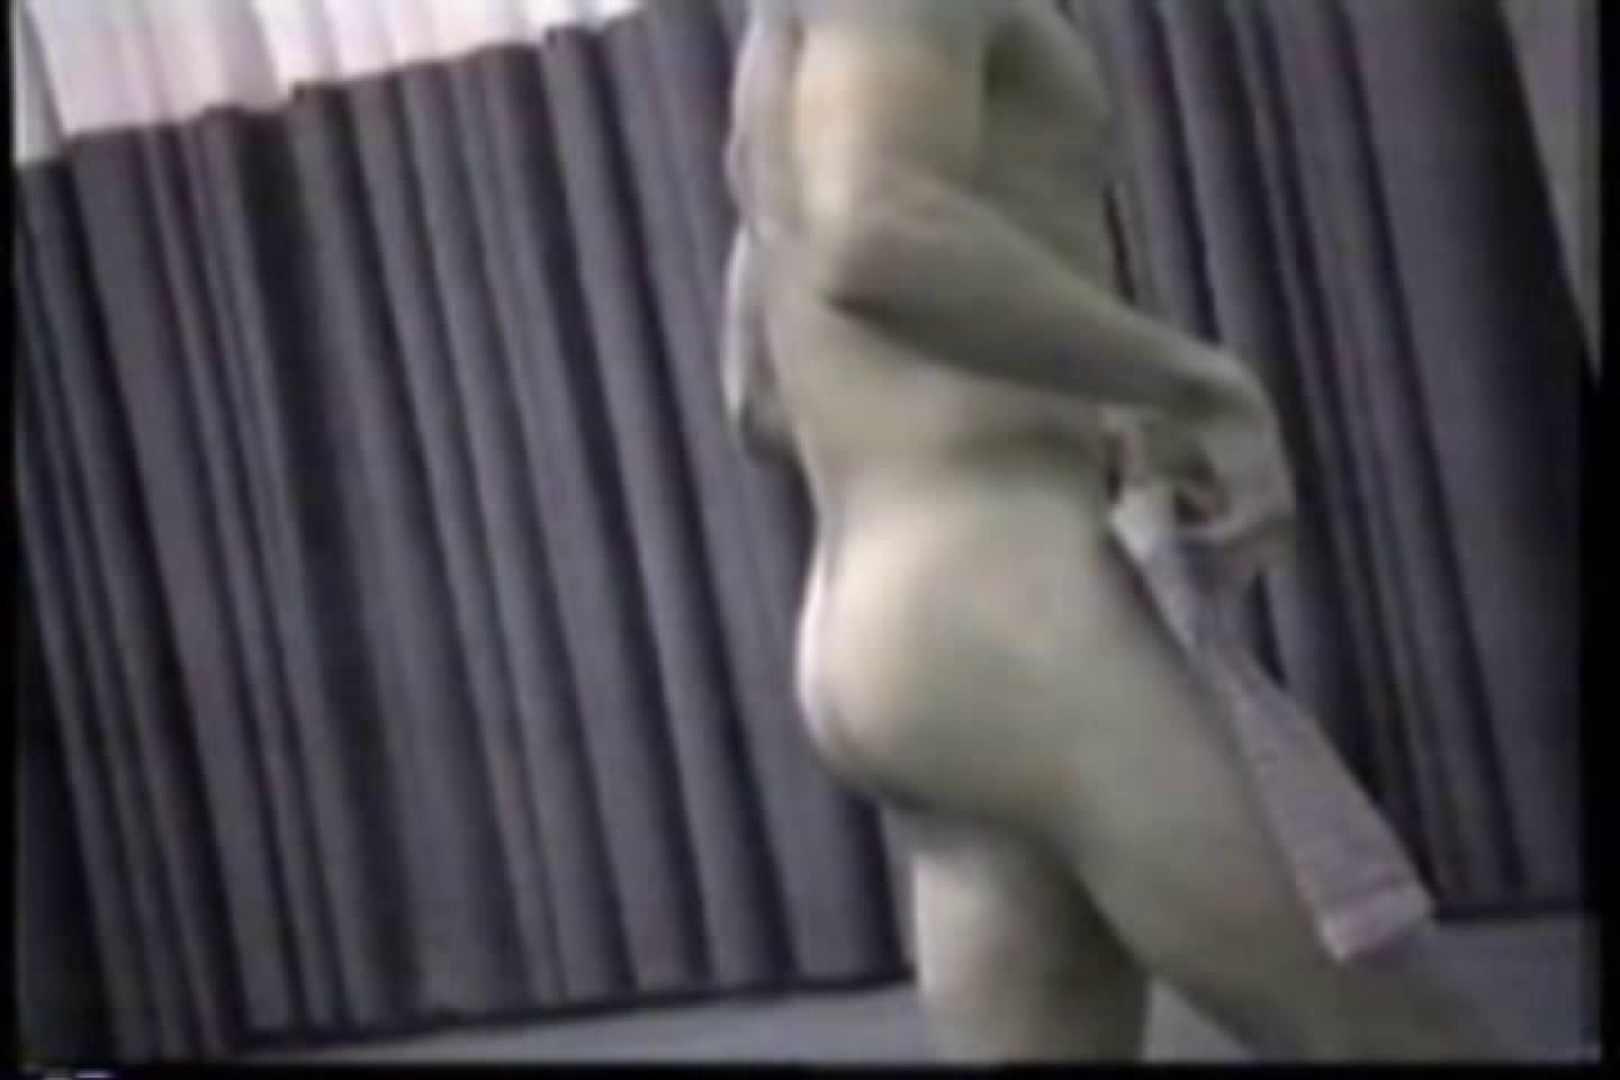 洋人さんの脱衣所を覗いてみました。VOL.6 覗き特集 | ガチムチマッチョ系メンズ  8画像 7